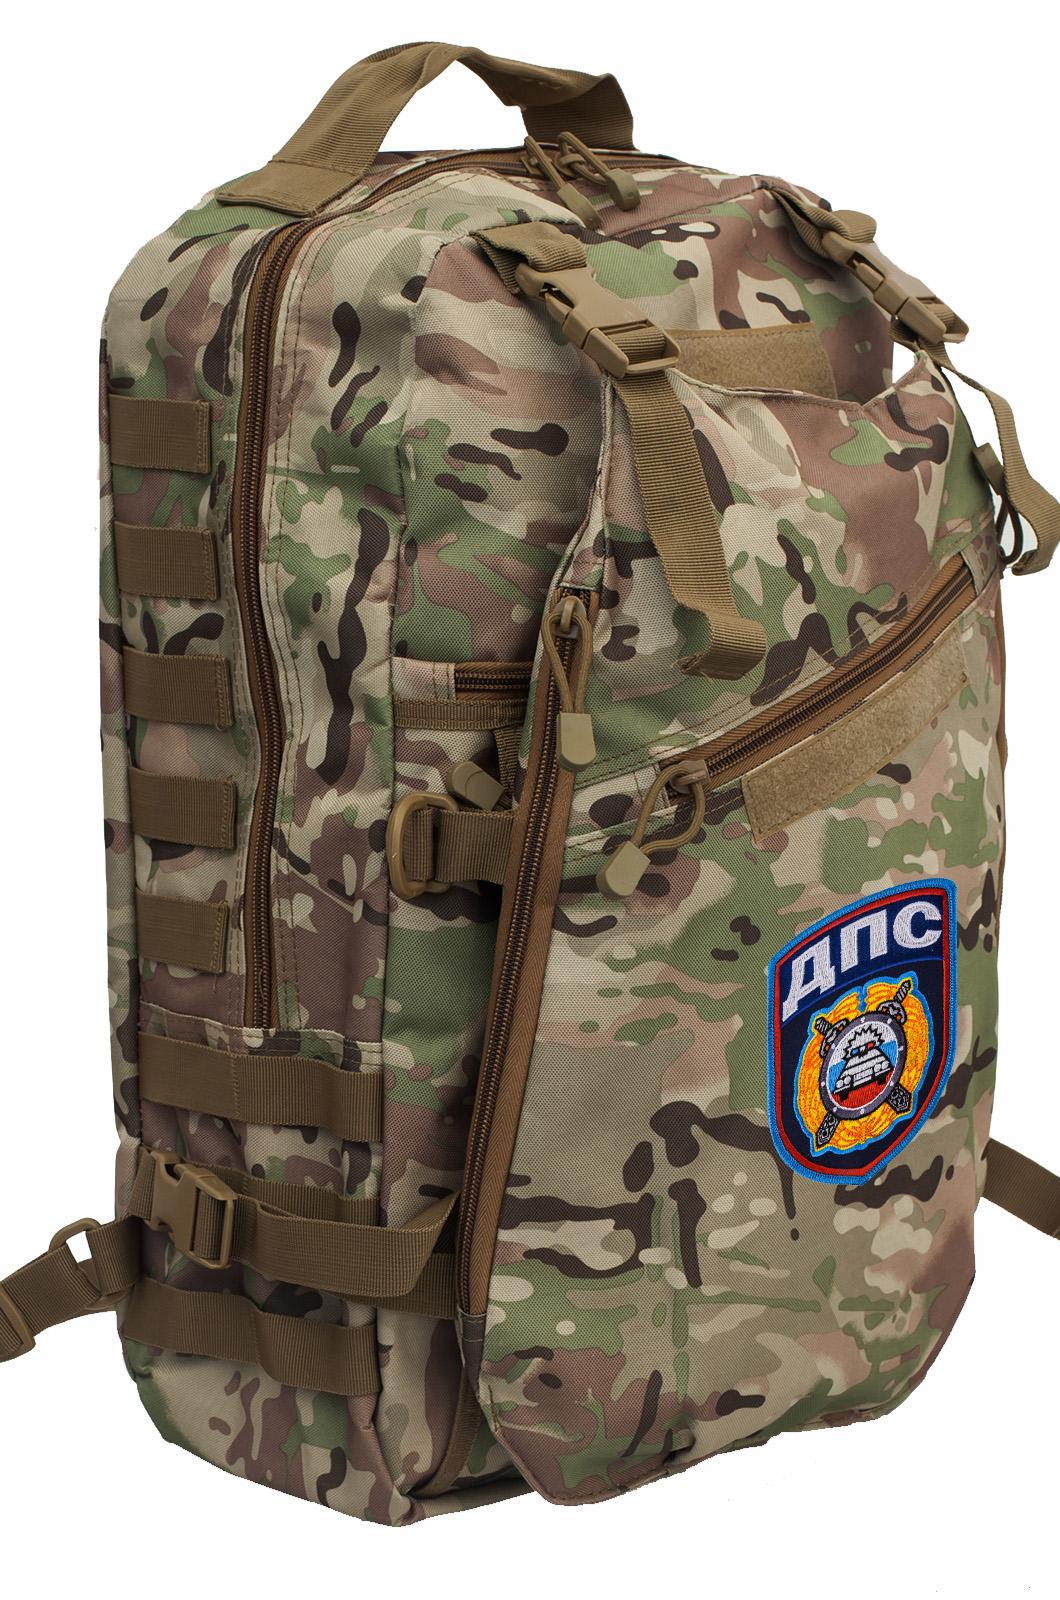 Штурмовой тактический рюкзак с нашивкой ДПС - купить онлайн